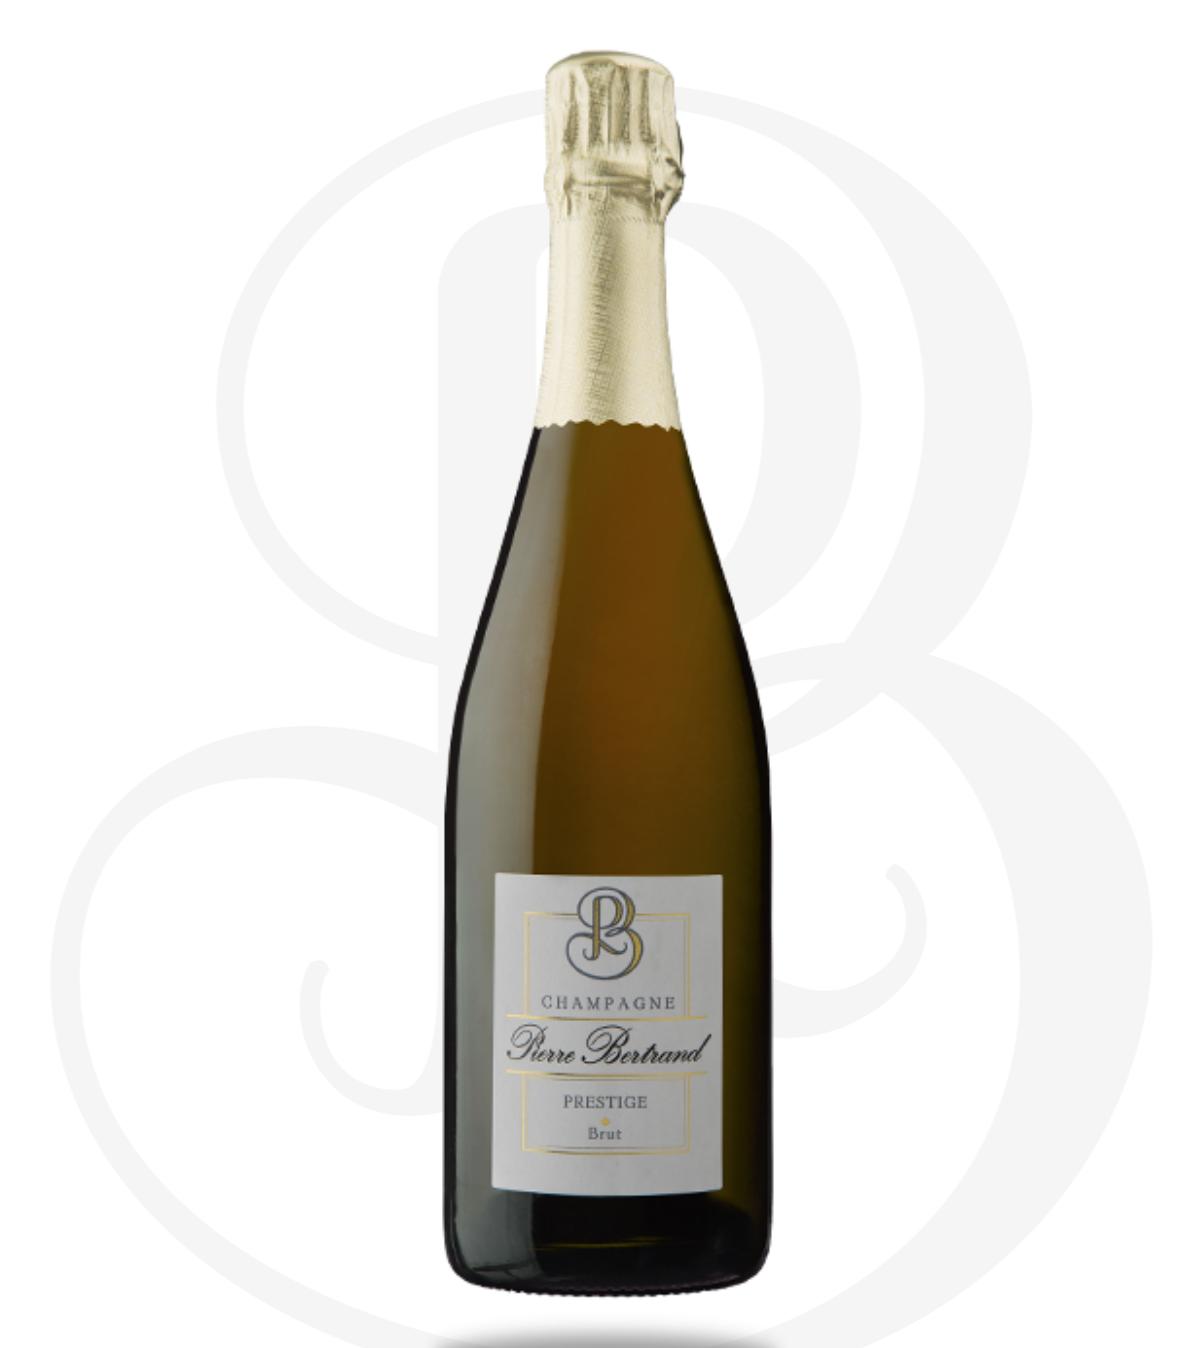 Champagne Pierre Bertand - Brut Cuvée Prestige